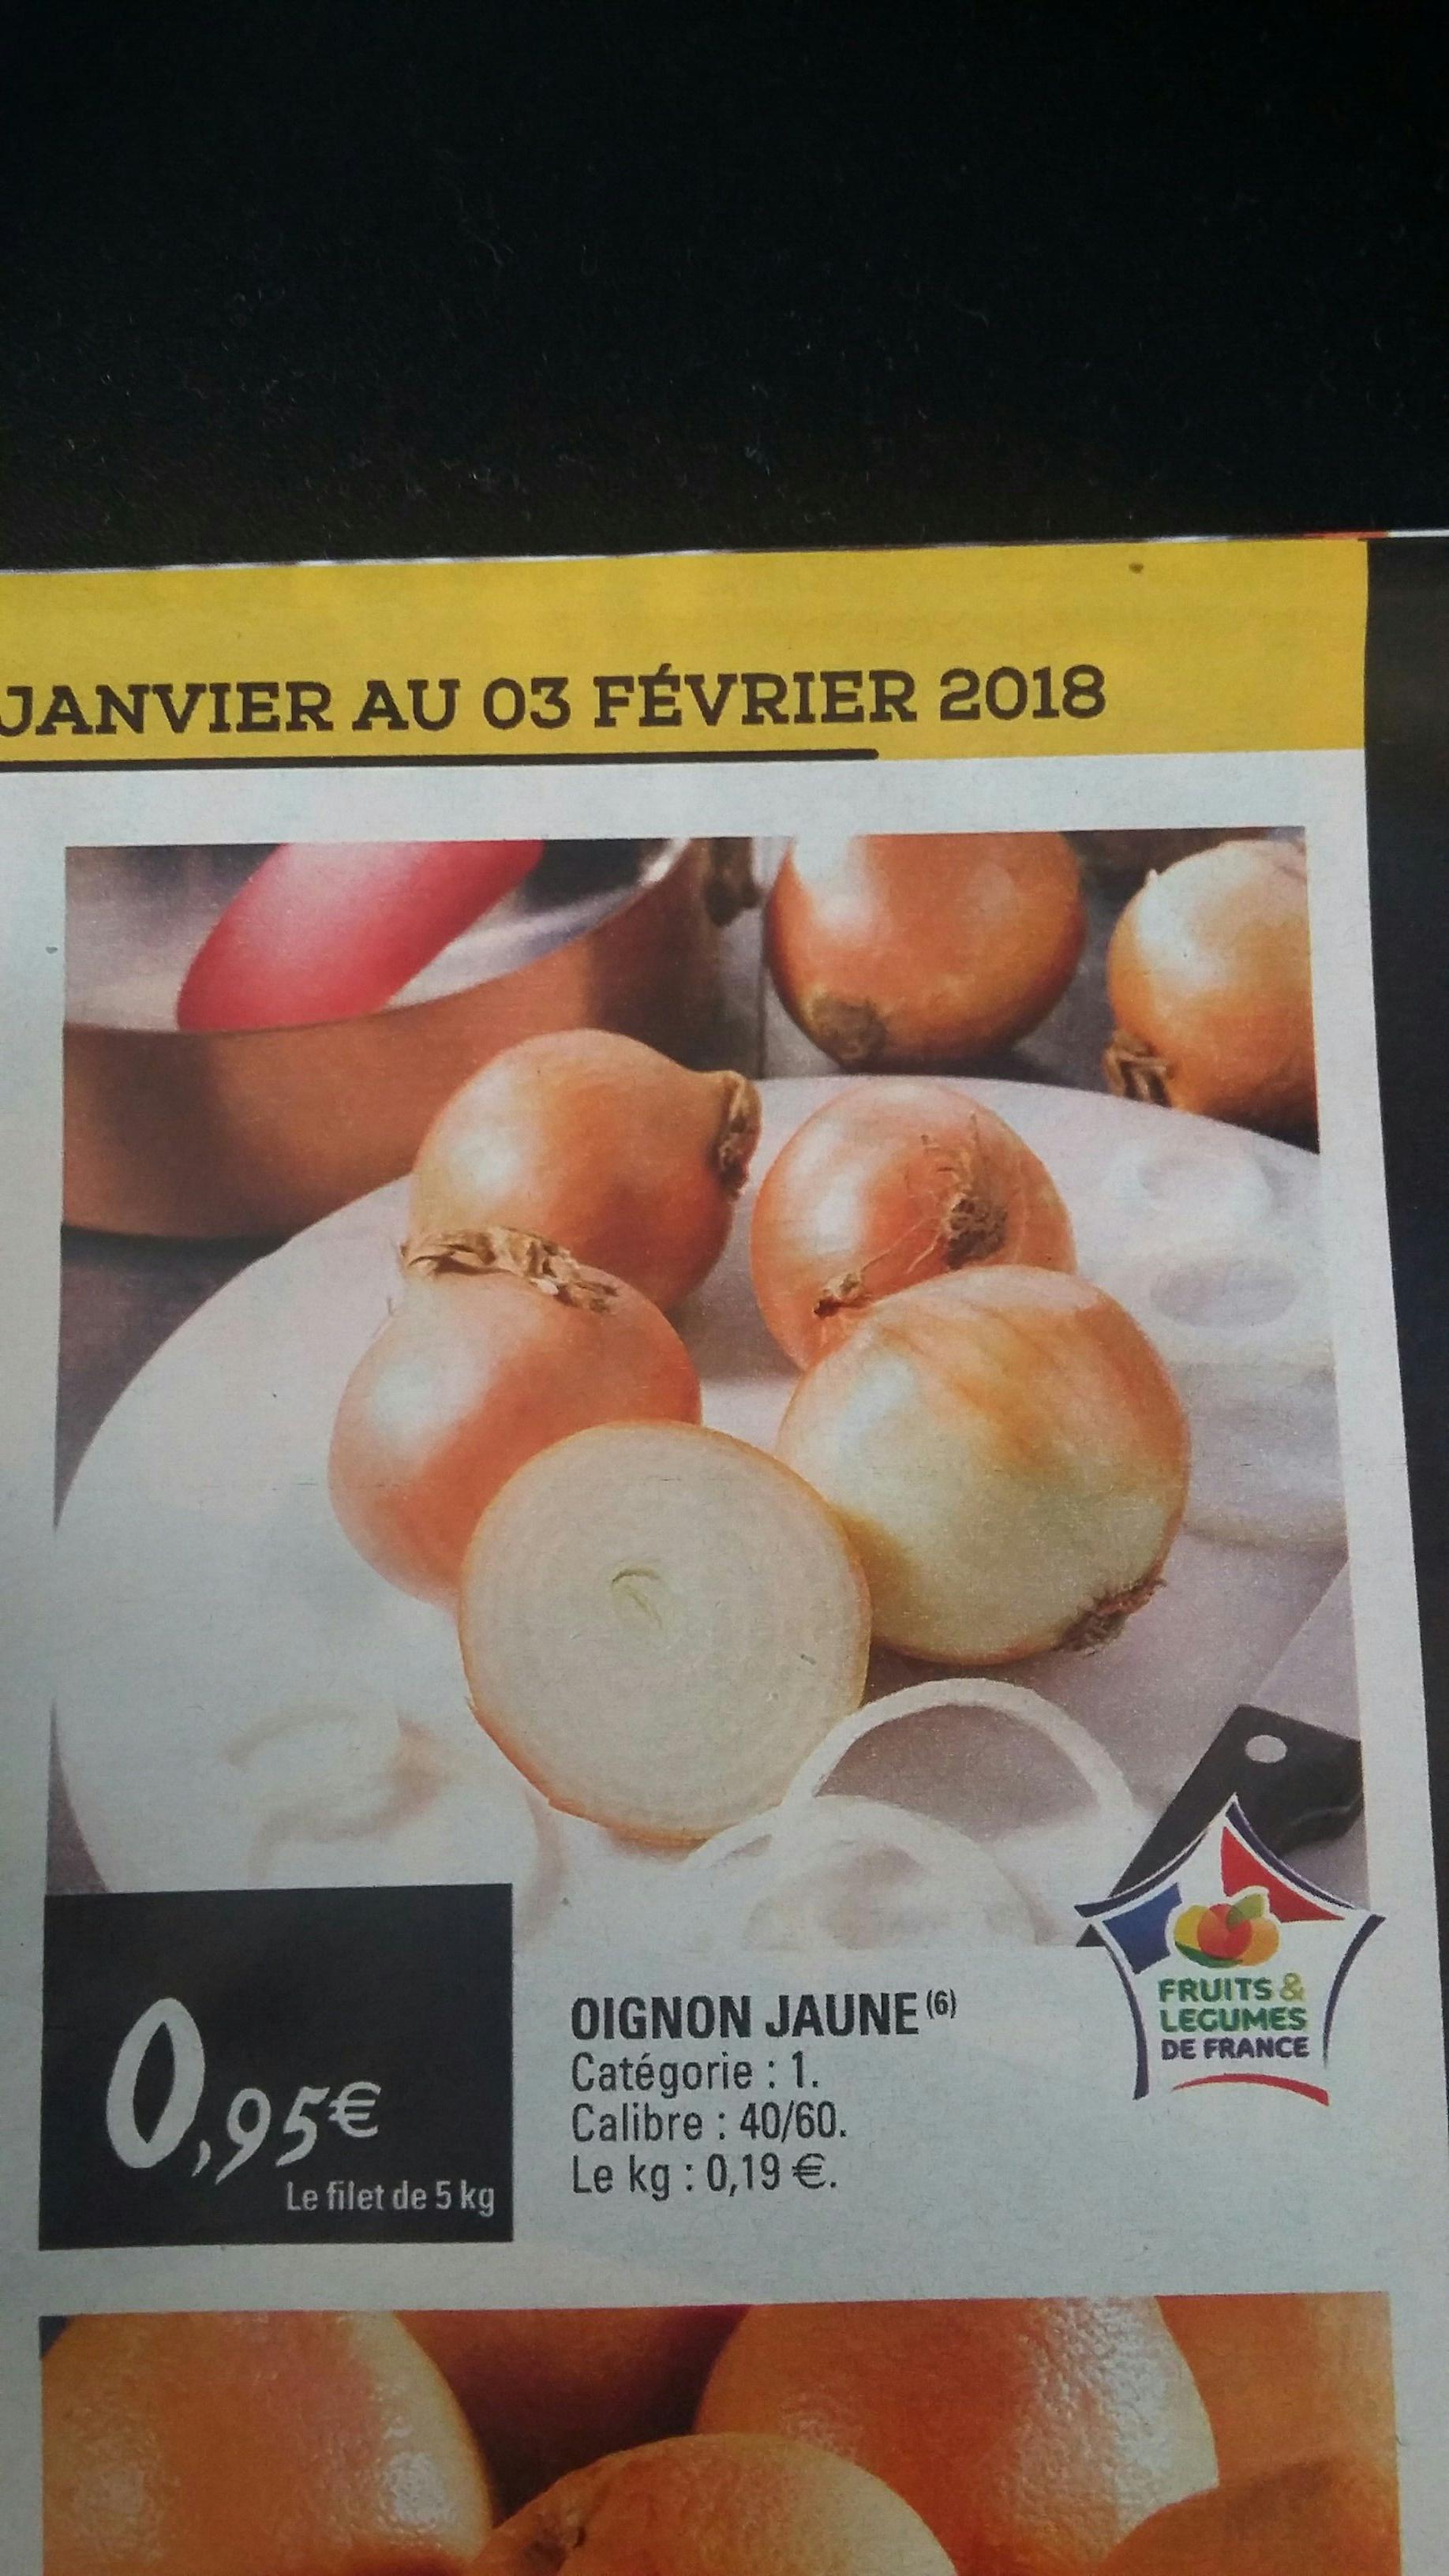 Filet de 5 kg d'oignons jaunes - cat. 1, origine France